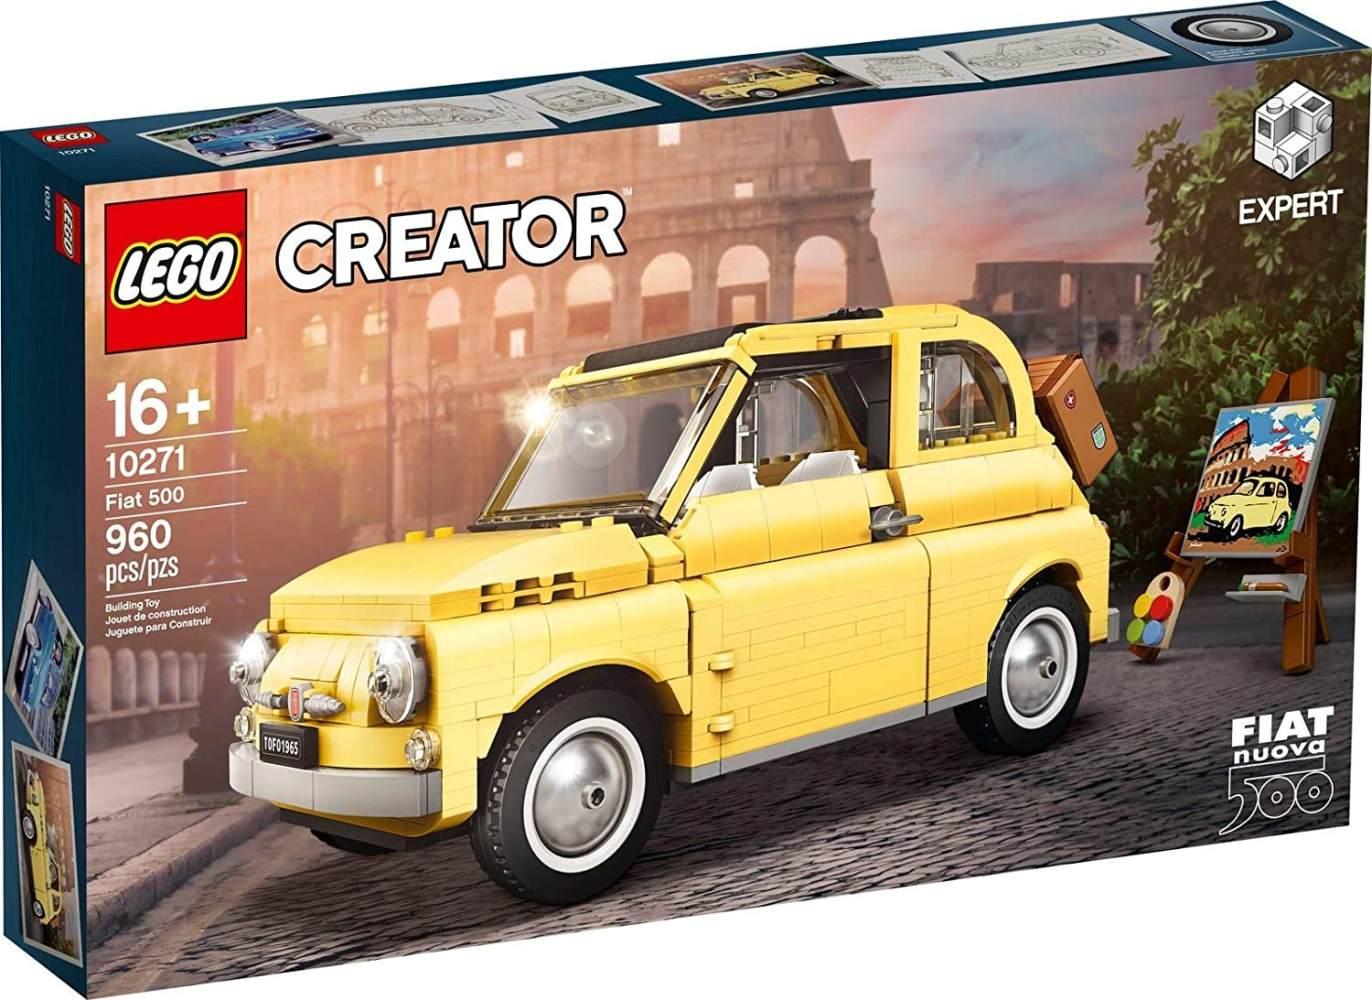 LEGO Creator Expert 10271 'Fiat 500', 960 Teile, ab 16 Jahren, originalgetreuer Modellbausatz mit zahlreichen Details Bild 1